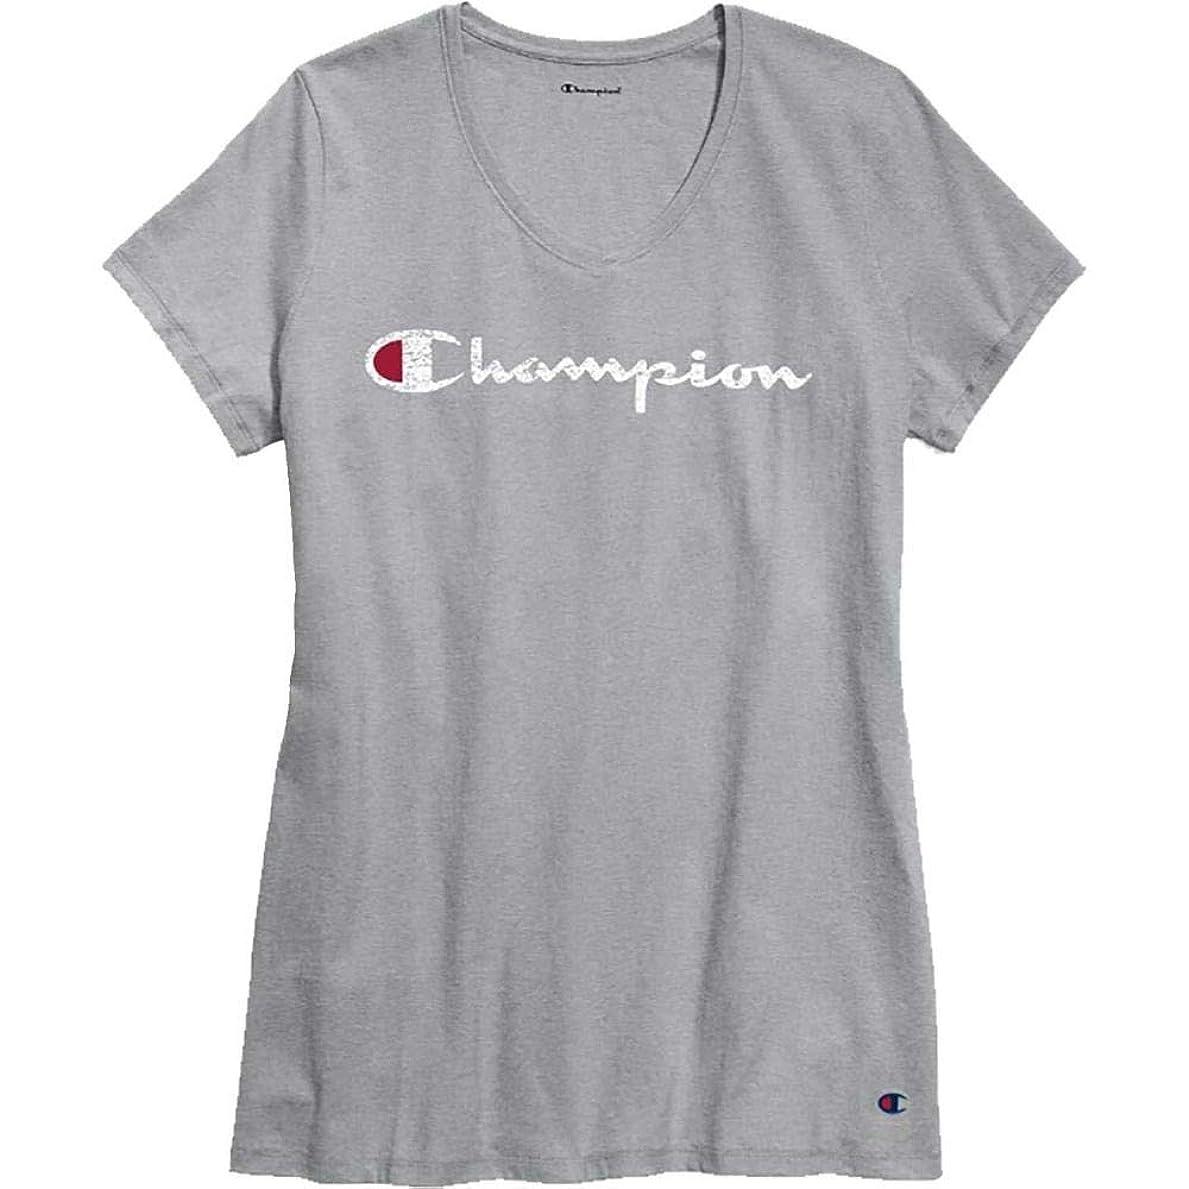 硬さ入射それにもかかわらず(チャンピオン) Champion レディース トップス Tシャツ Plus Jersey Graphic T-Shirt [並行輸入品]